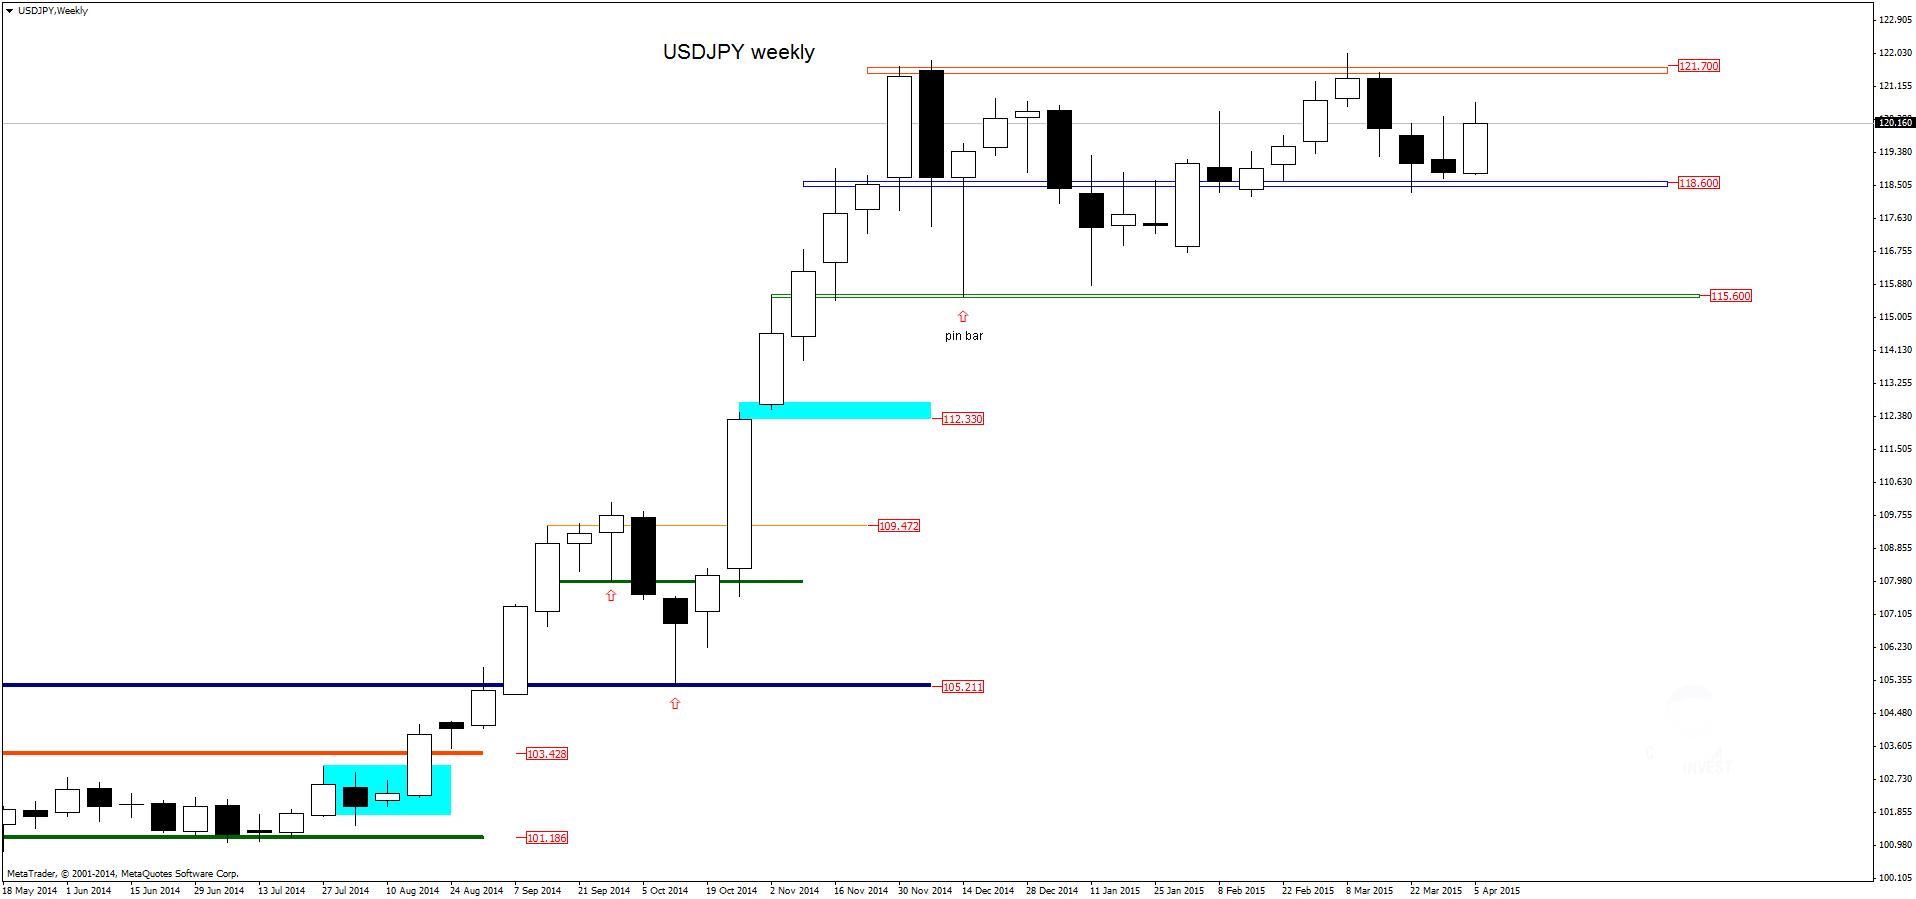 FXMAG forex w poszukiwaniu anatomii konsolidacji usdjpy dolar amerykański jen japoński konsolidacja forex usd/cad usd/jpy price action 1